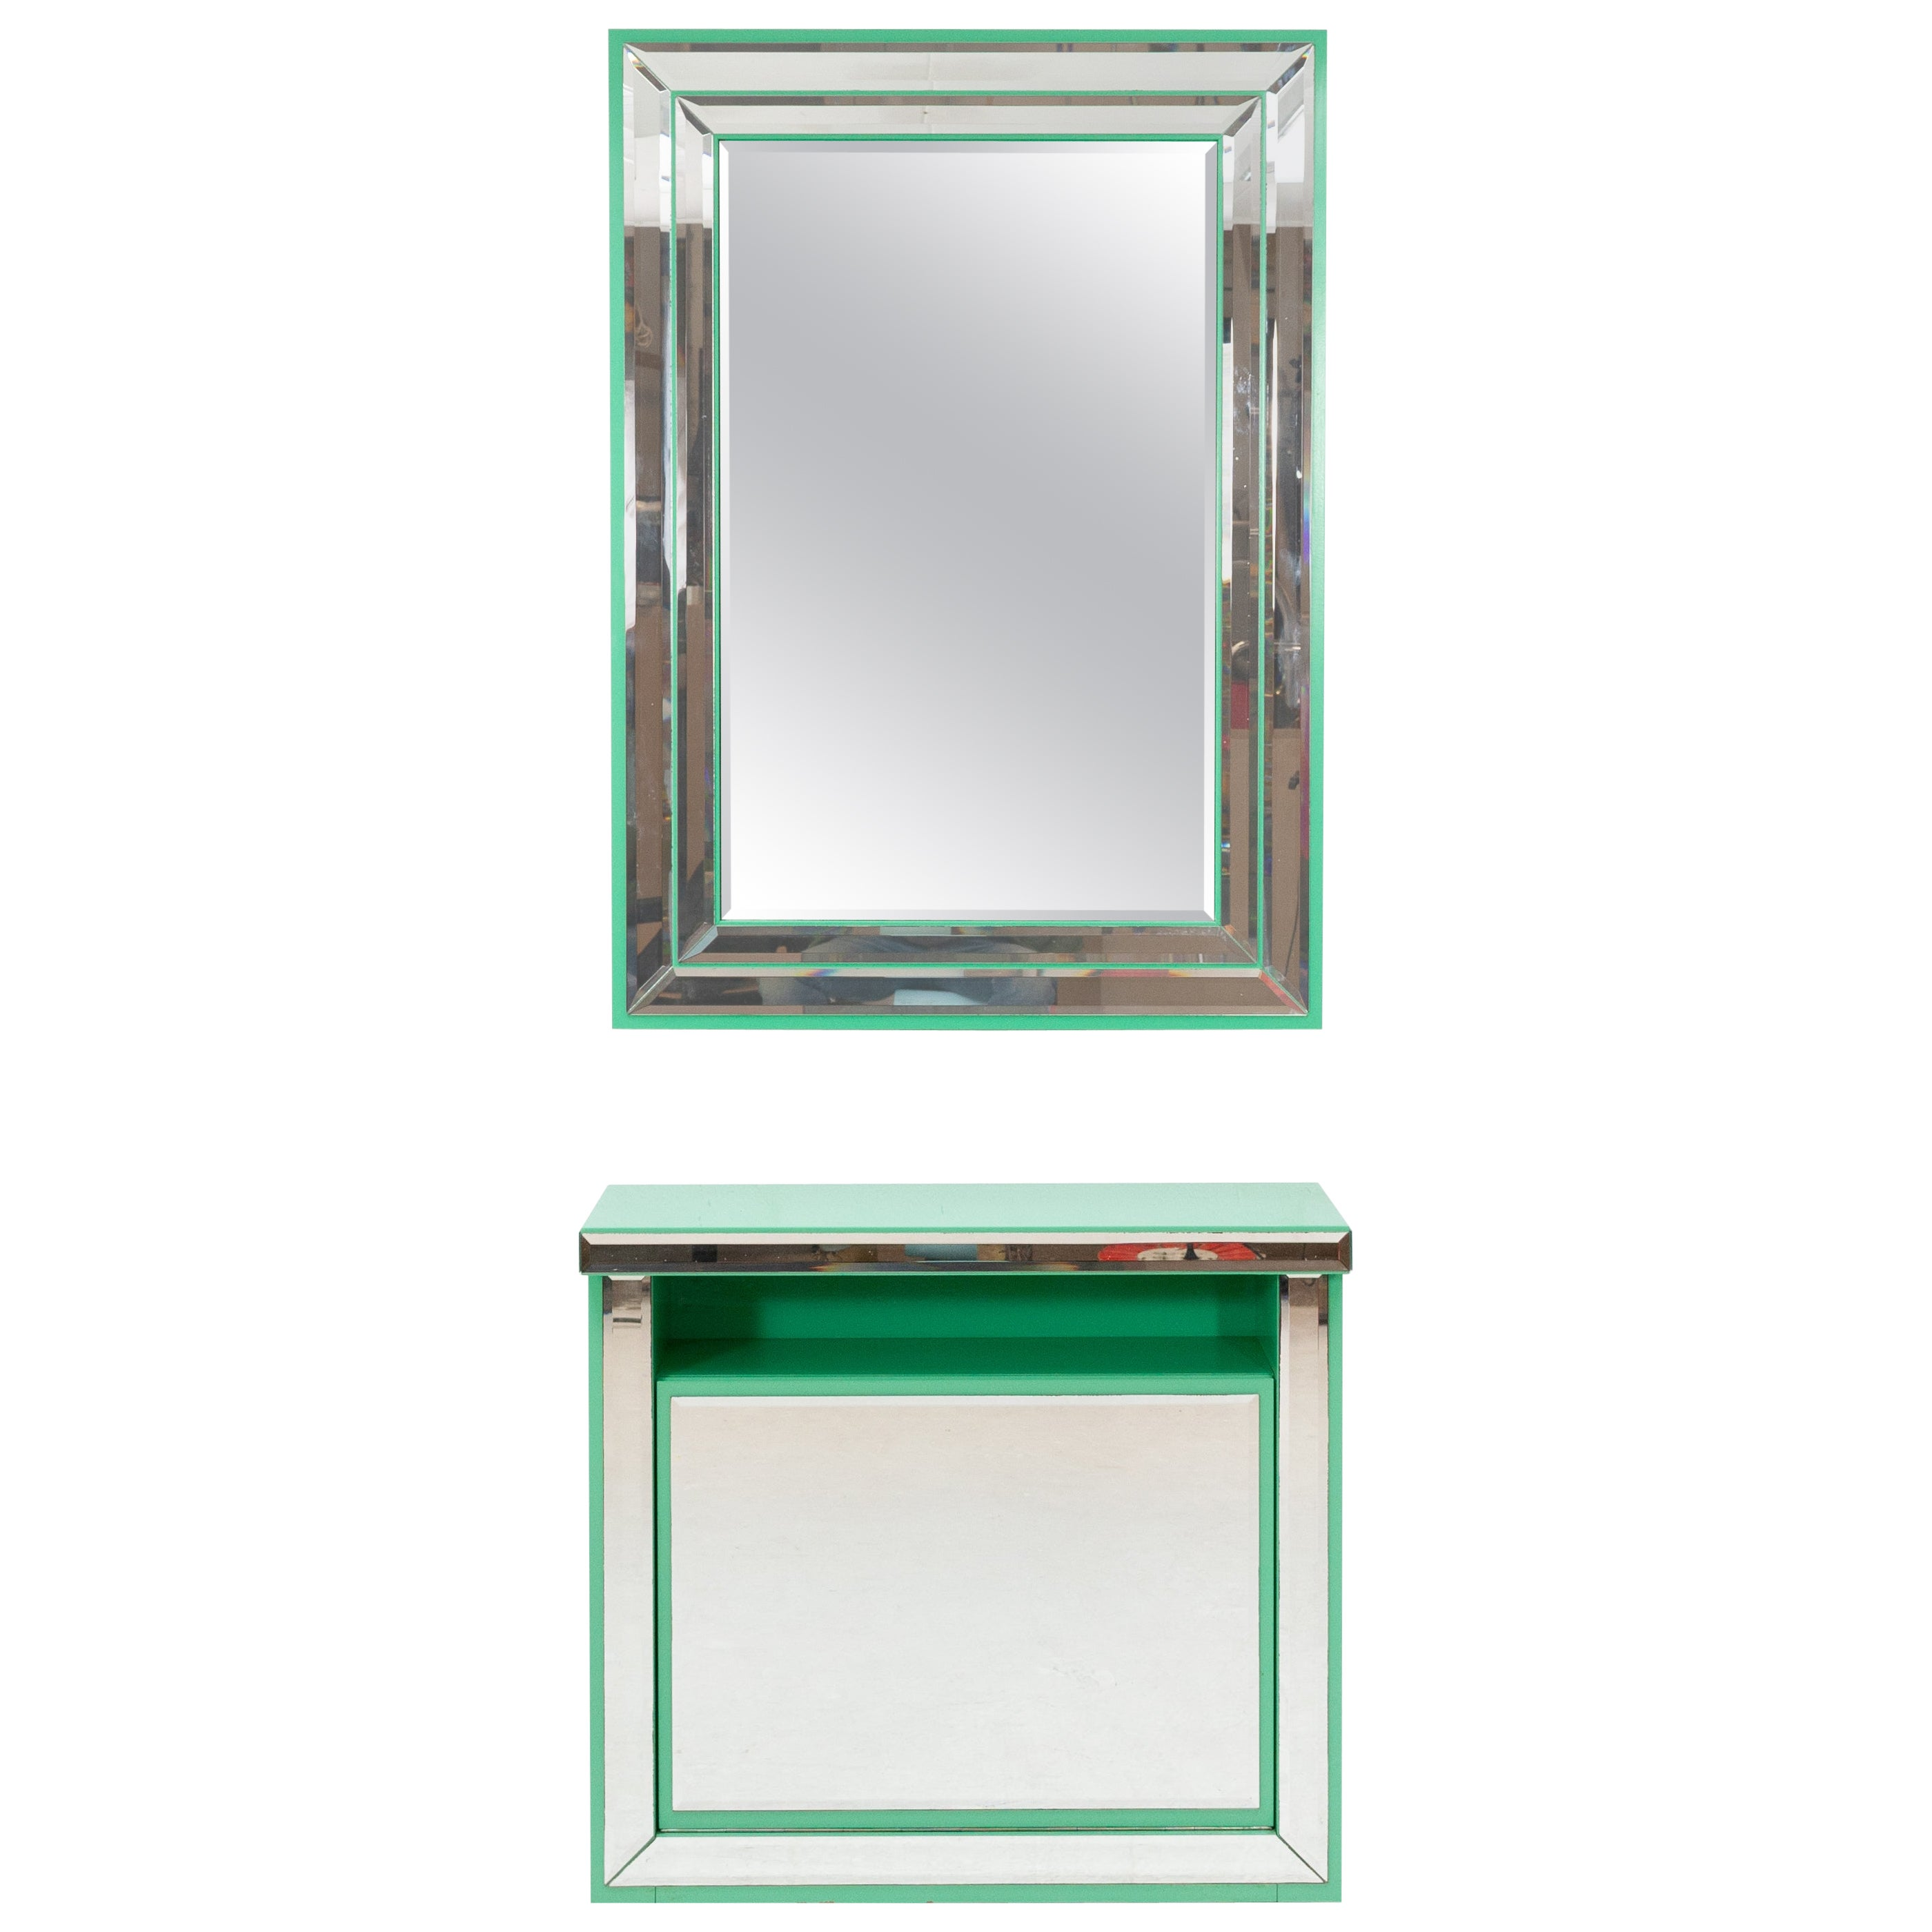 Schöninger Mint Green Console Mirror Hollywood Regency